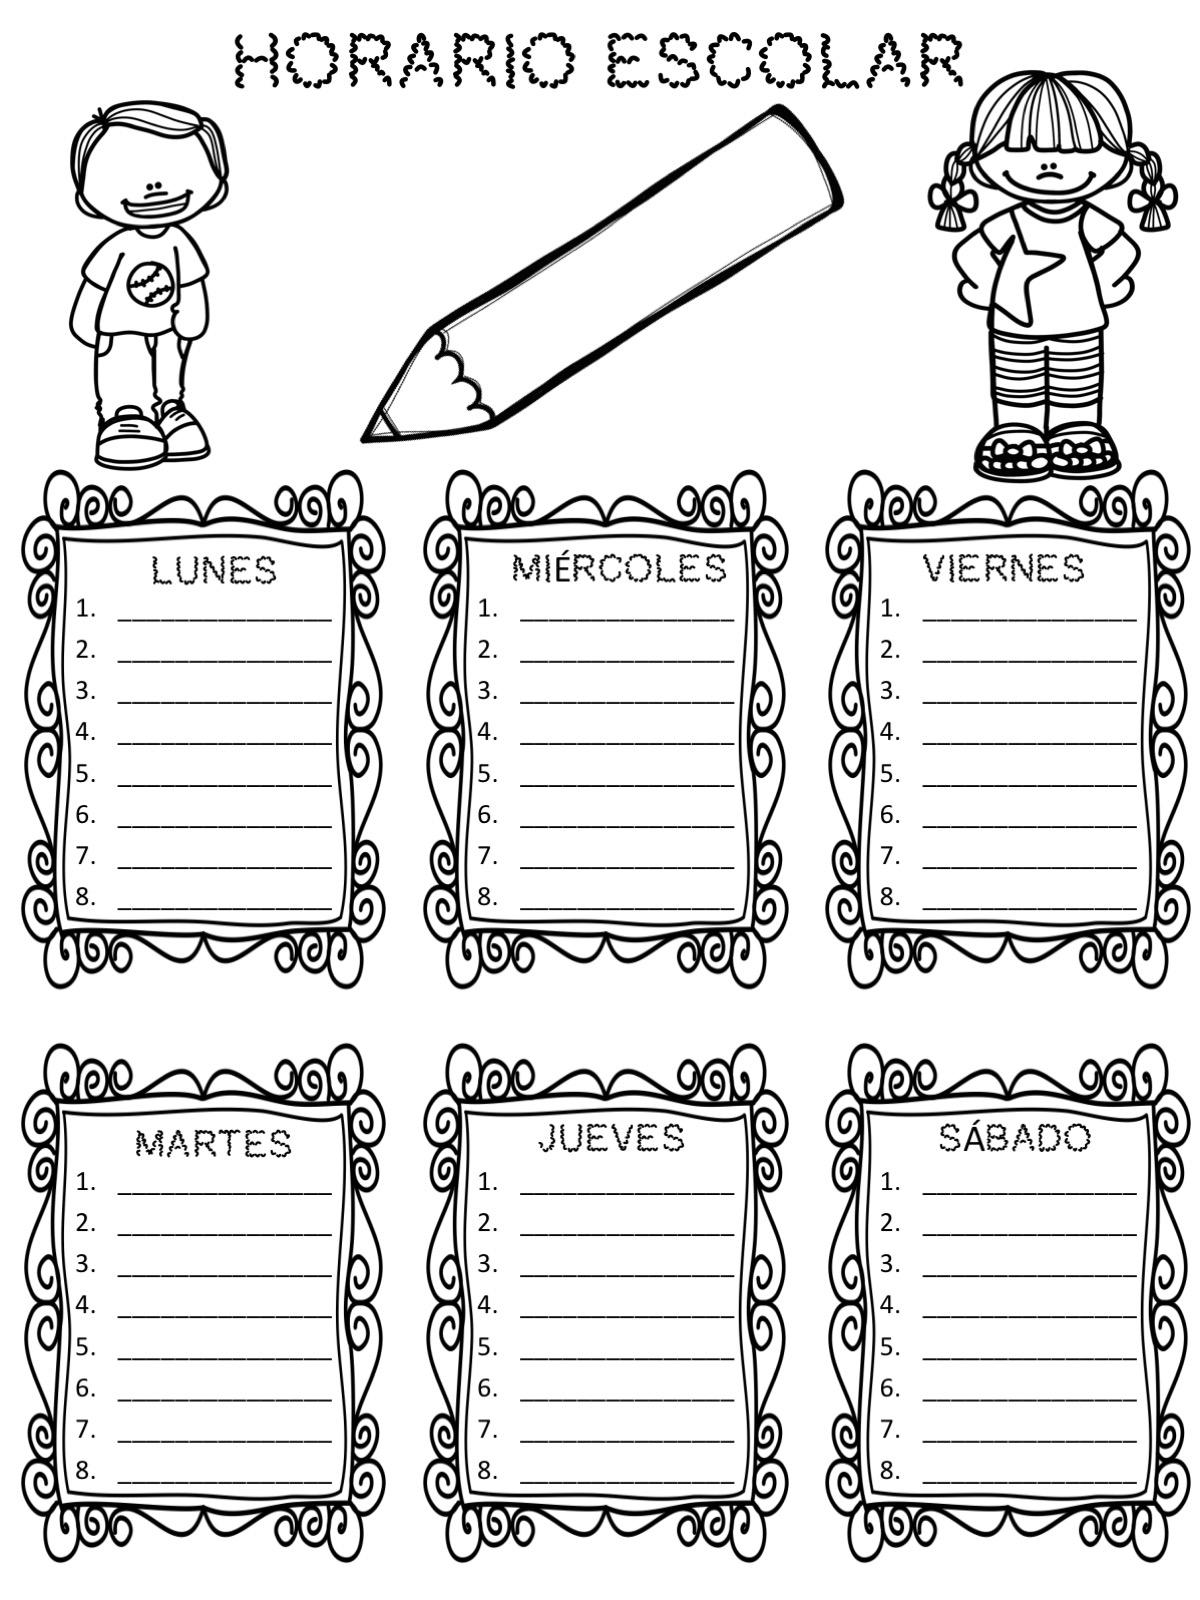 horario-escolar-editable-colorear